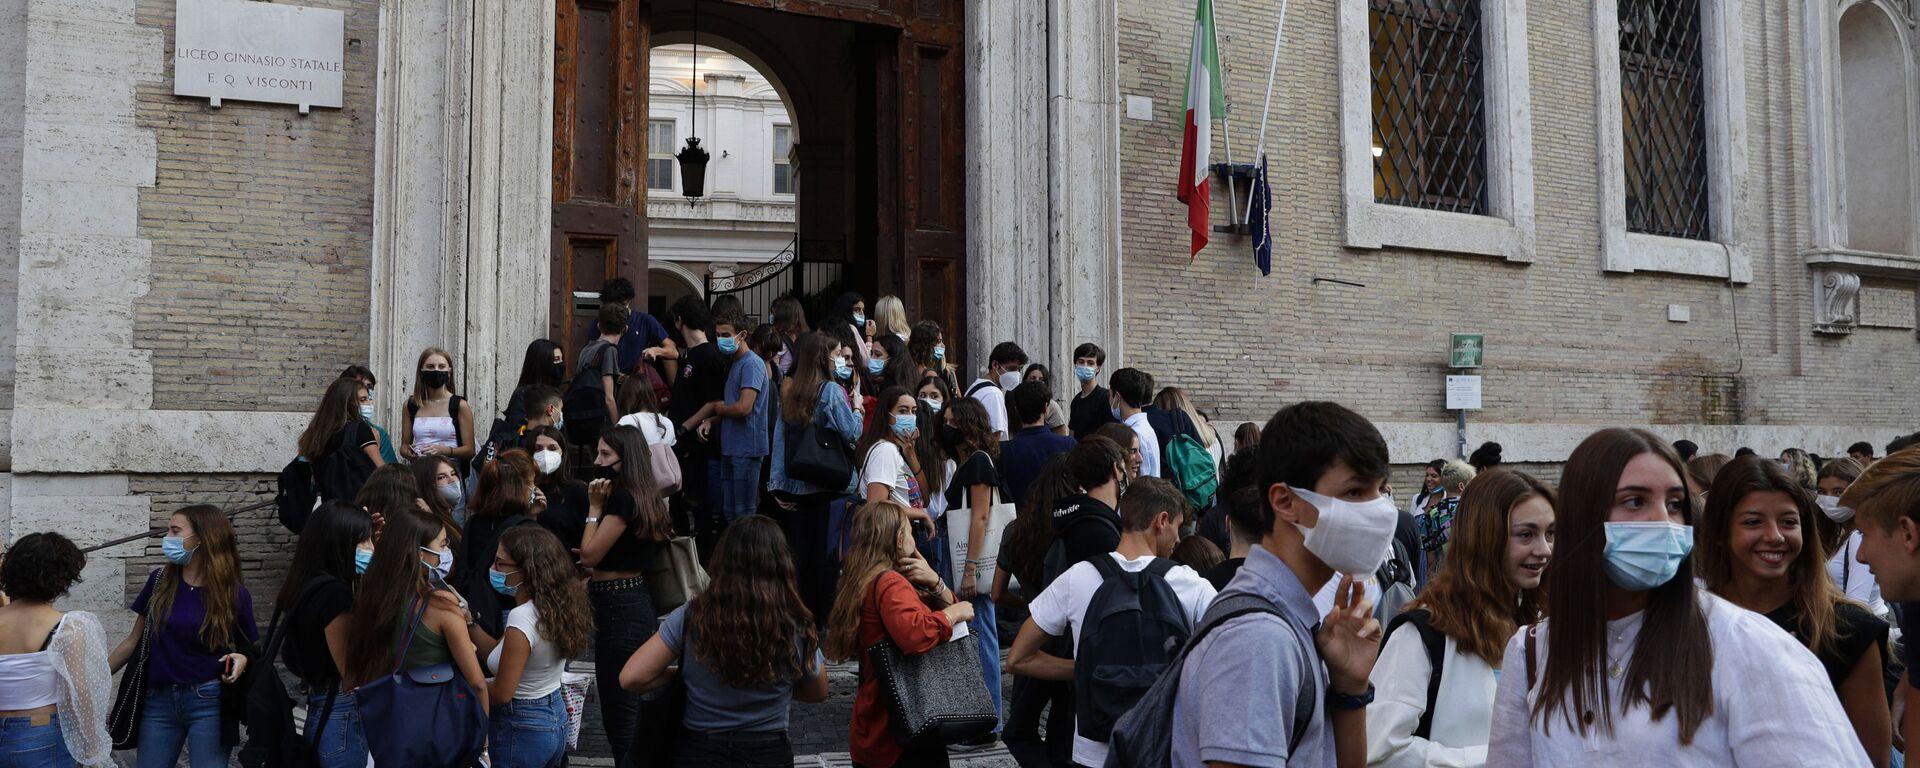 Alunni all'ingresso di una scuola, Roma - Sputnik Italia, 1920, 19.05.2021